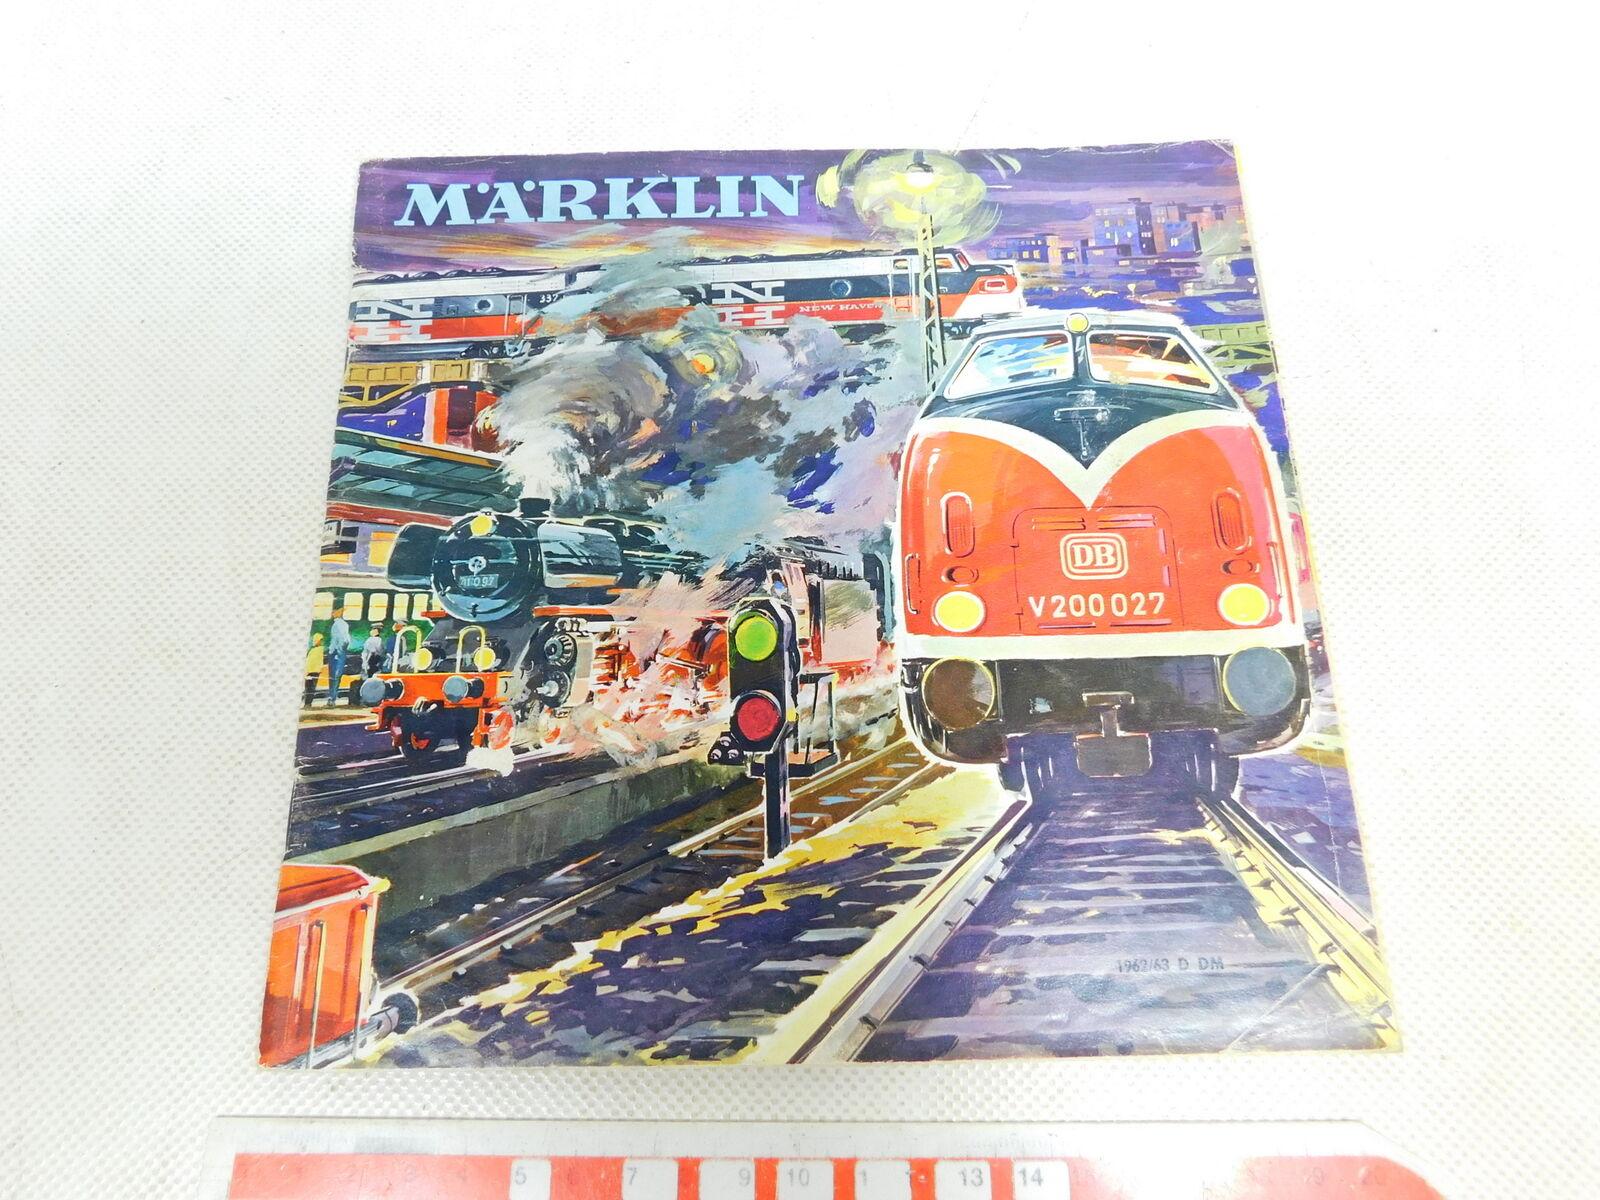 BW297-0, 5  Märklin H0 Catalogue 1962 63 D Dm without Coupon